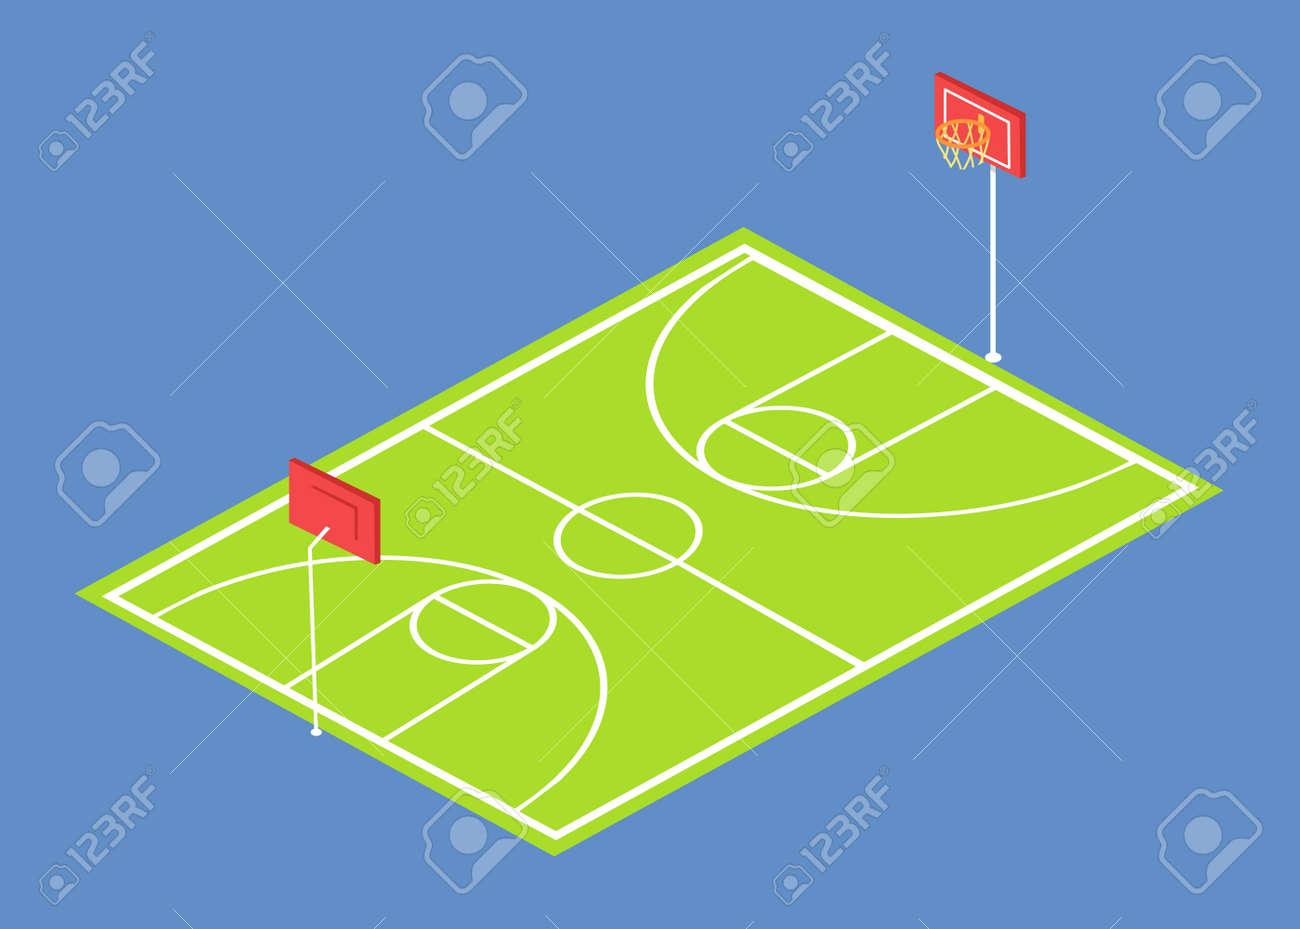 Cole stade trois dimensions vector illustration avec terrain de basket  isolé sur fond bleu  Terrain de sport avec des paniers et de l'herbe verte